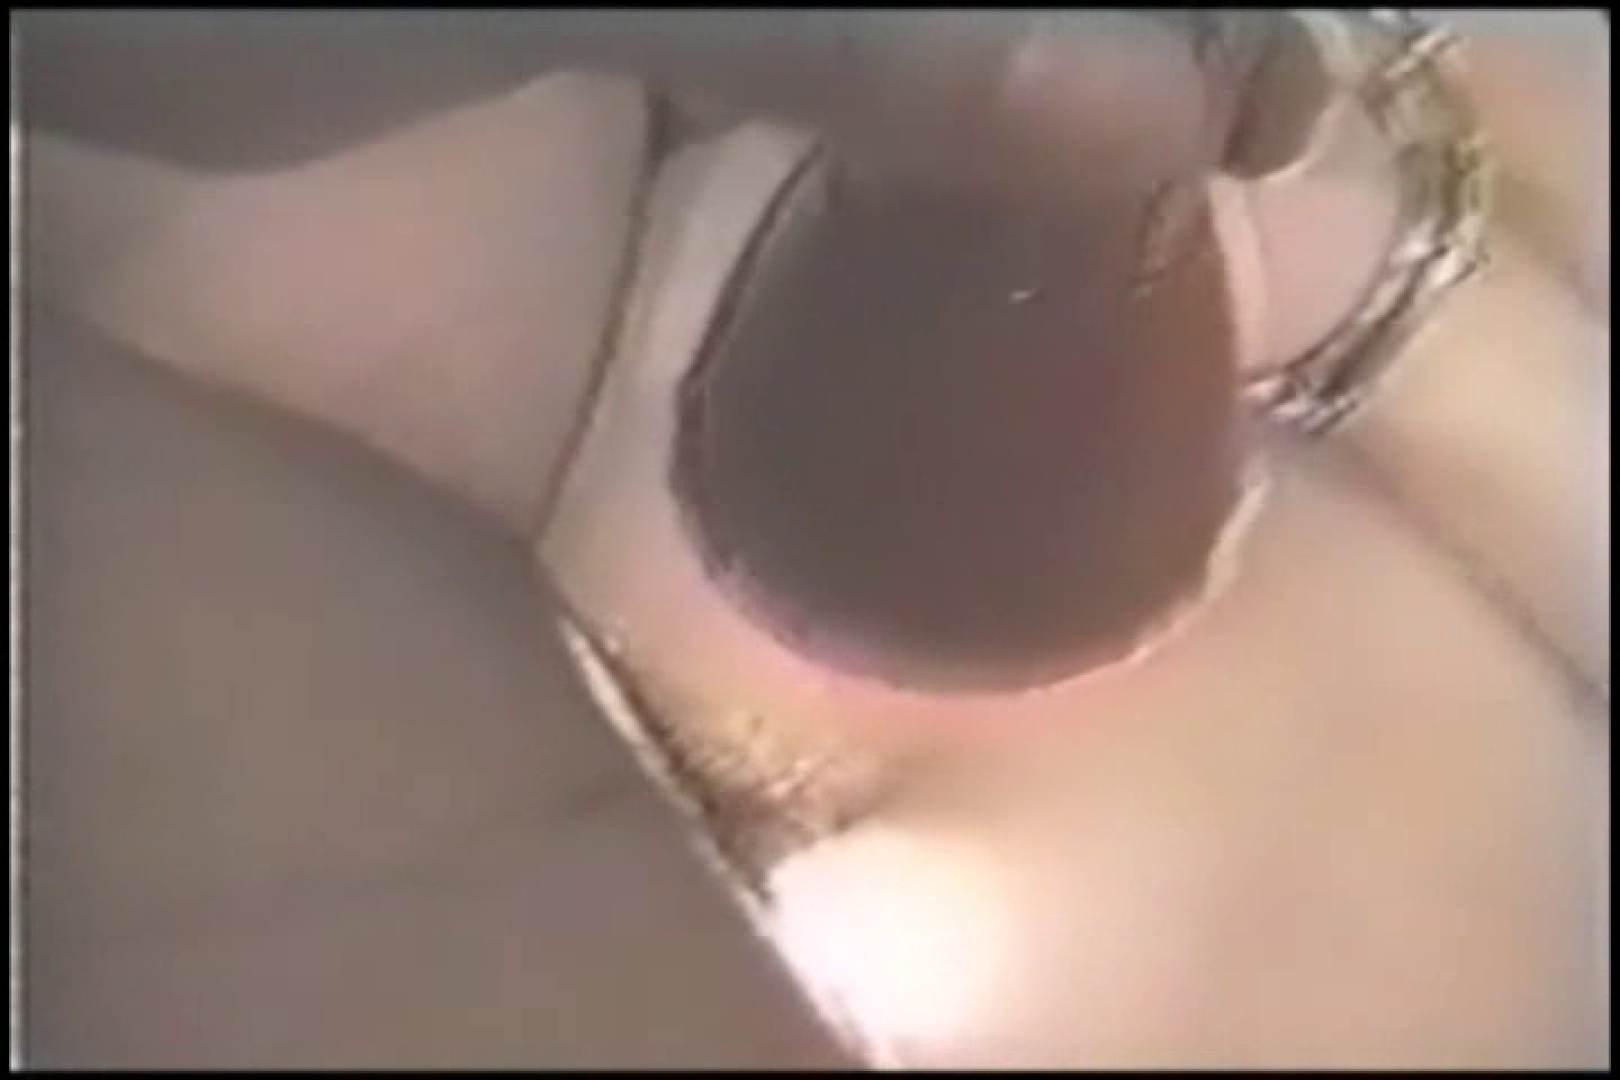 前後不覚に酔っている女を撮影する鬼畜親父 鬼畜  60連発 54